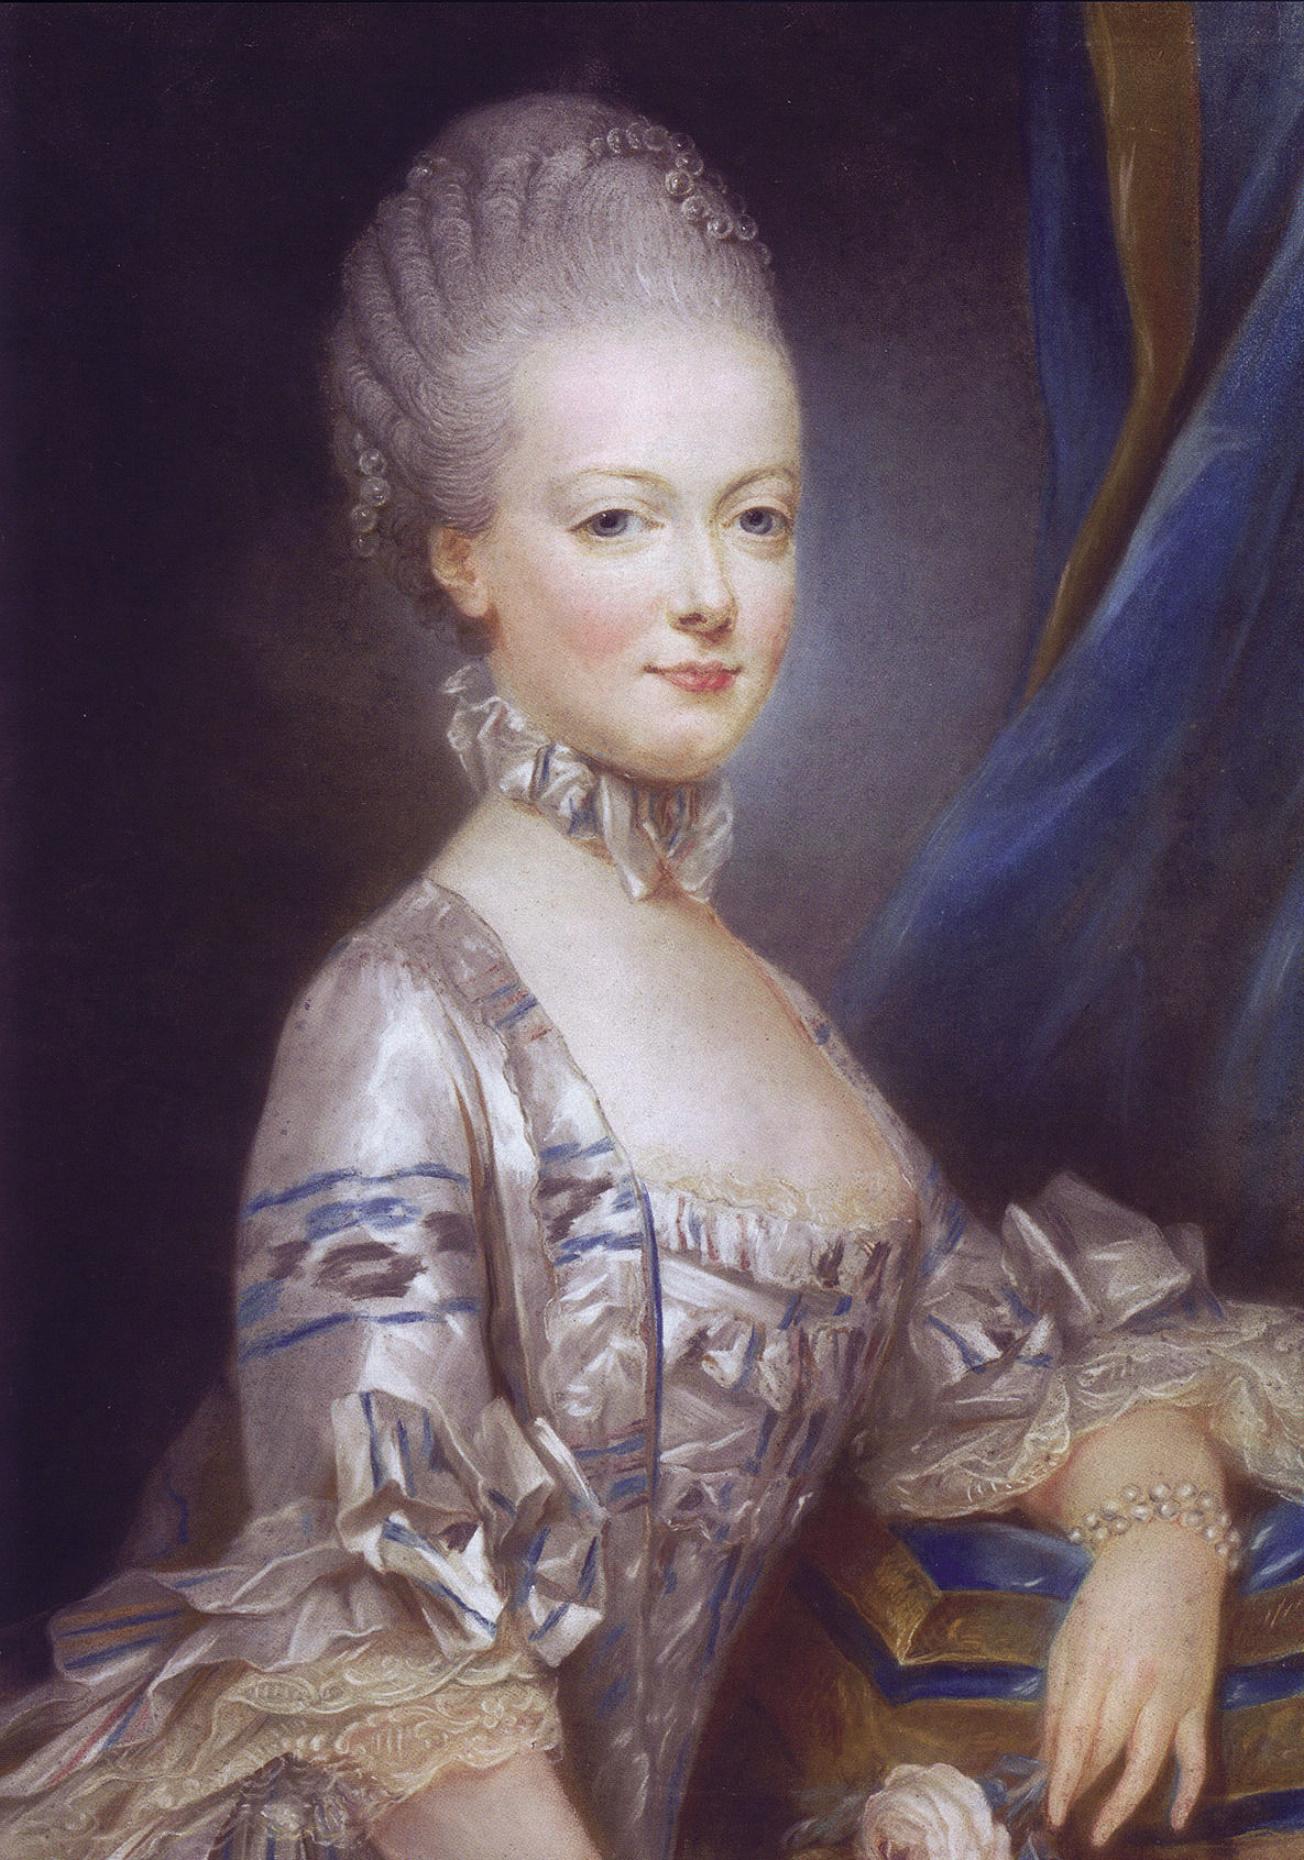 1769: Ein Jahr vor ihrer Hochzeit mit dem französischen Thronfolger   Foto: Gemeinfrei